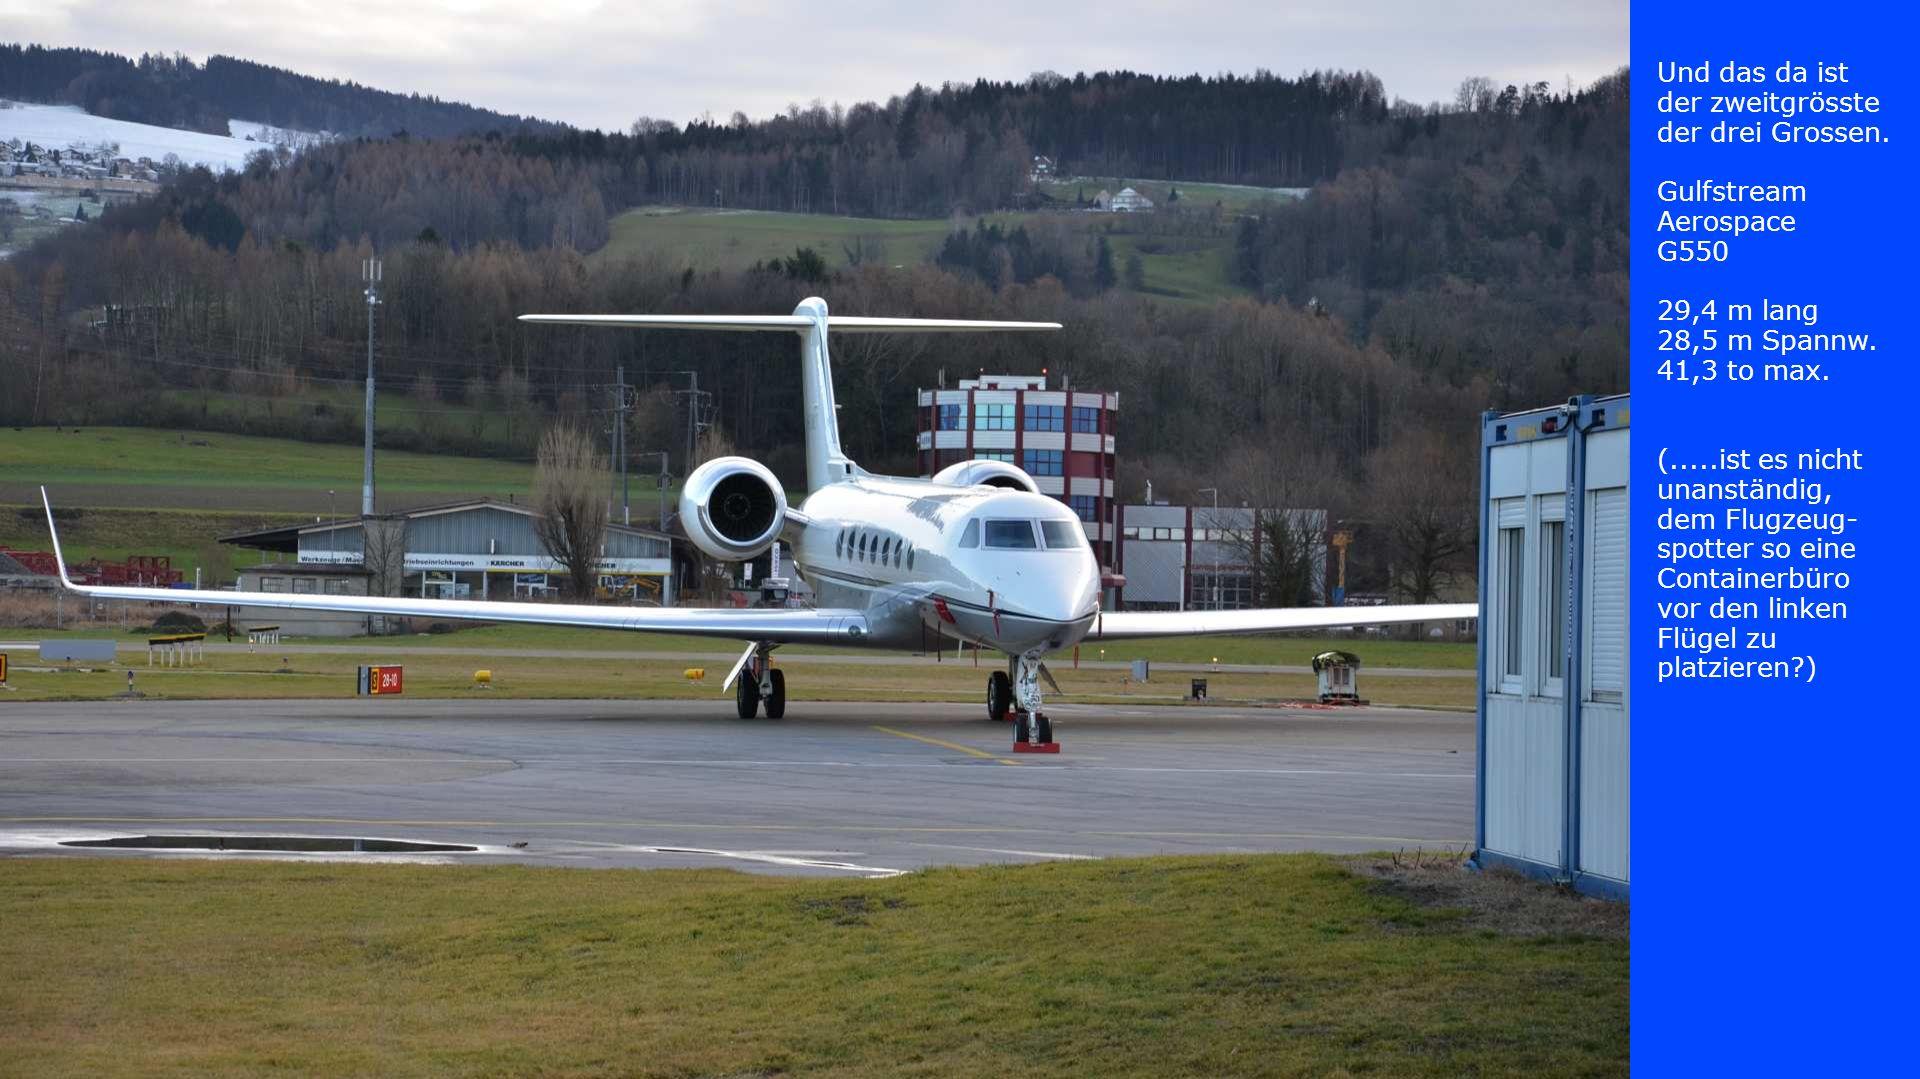 Und das da ist der zweitgrösste der drei Grossen. Gulfstream Aerospace G550 29,4 m lang 28,5 m Spannw. 41,3 to max. (.....ist es nicht unanständig, de